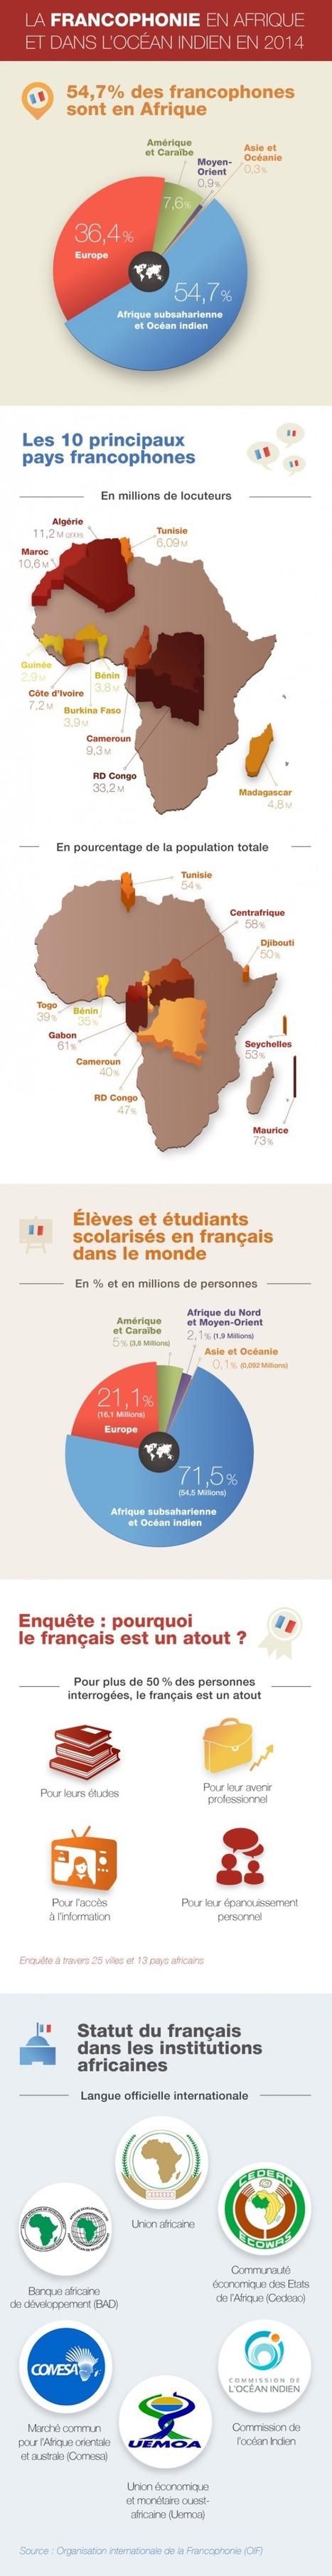 L'Afrique francophone | Nouvelles EDU - FLE | Scoop.it